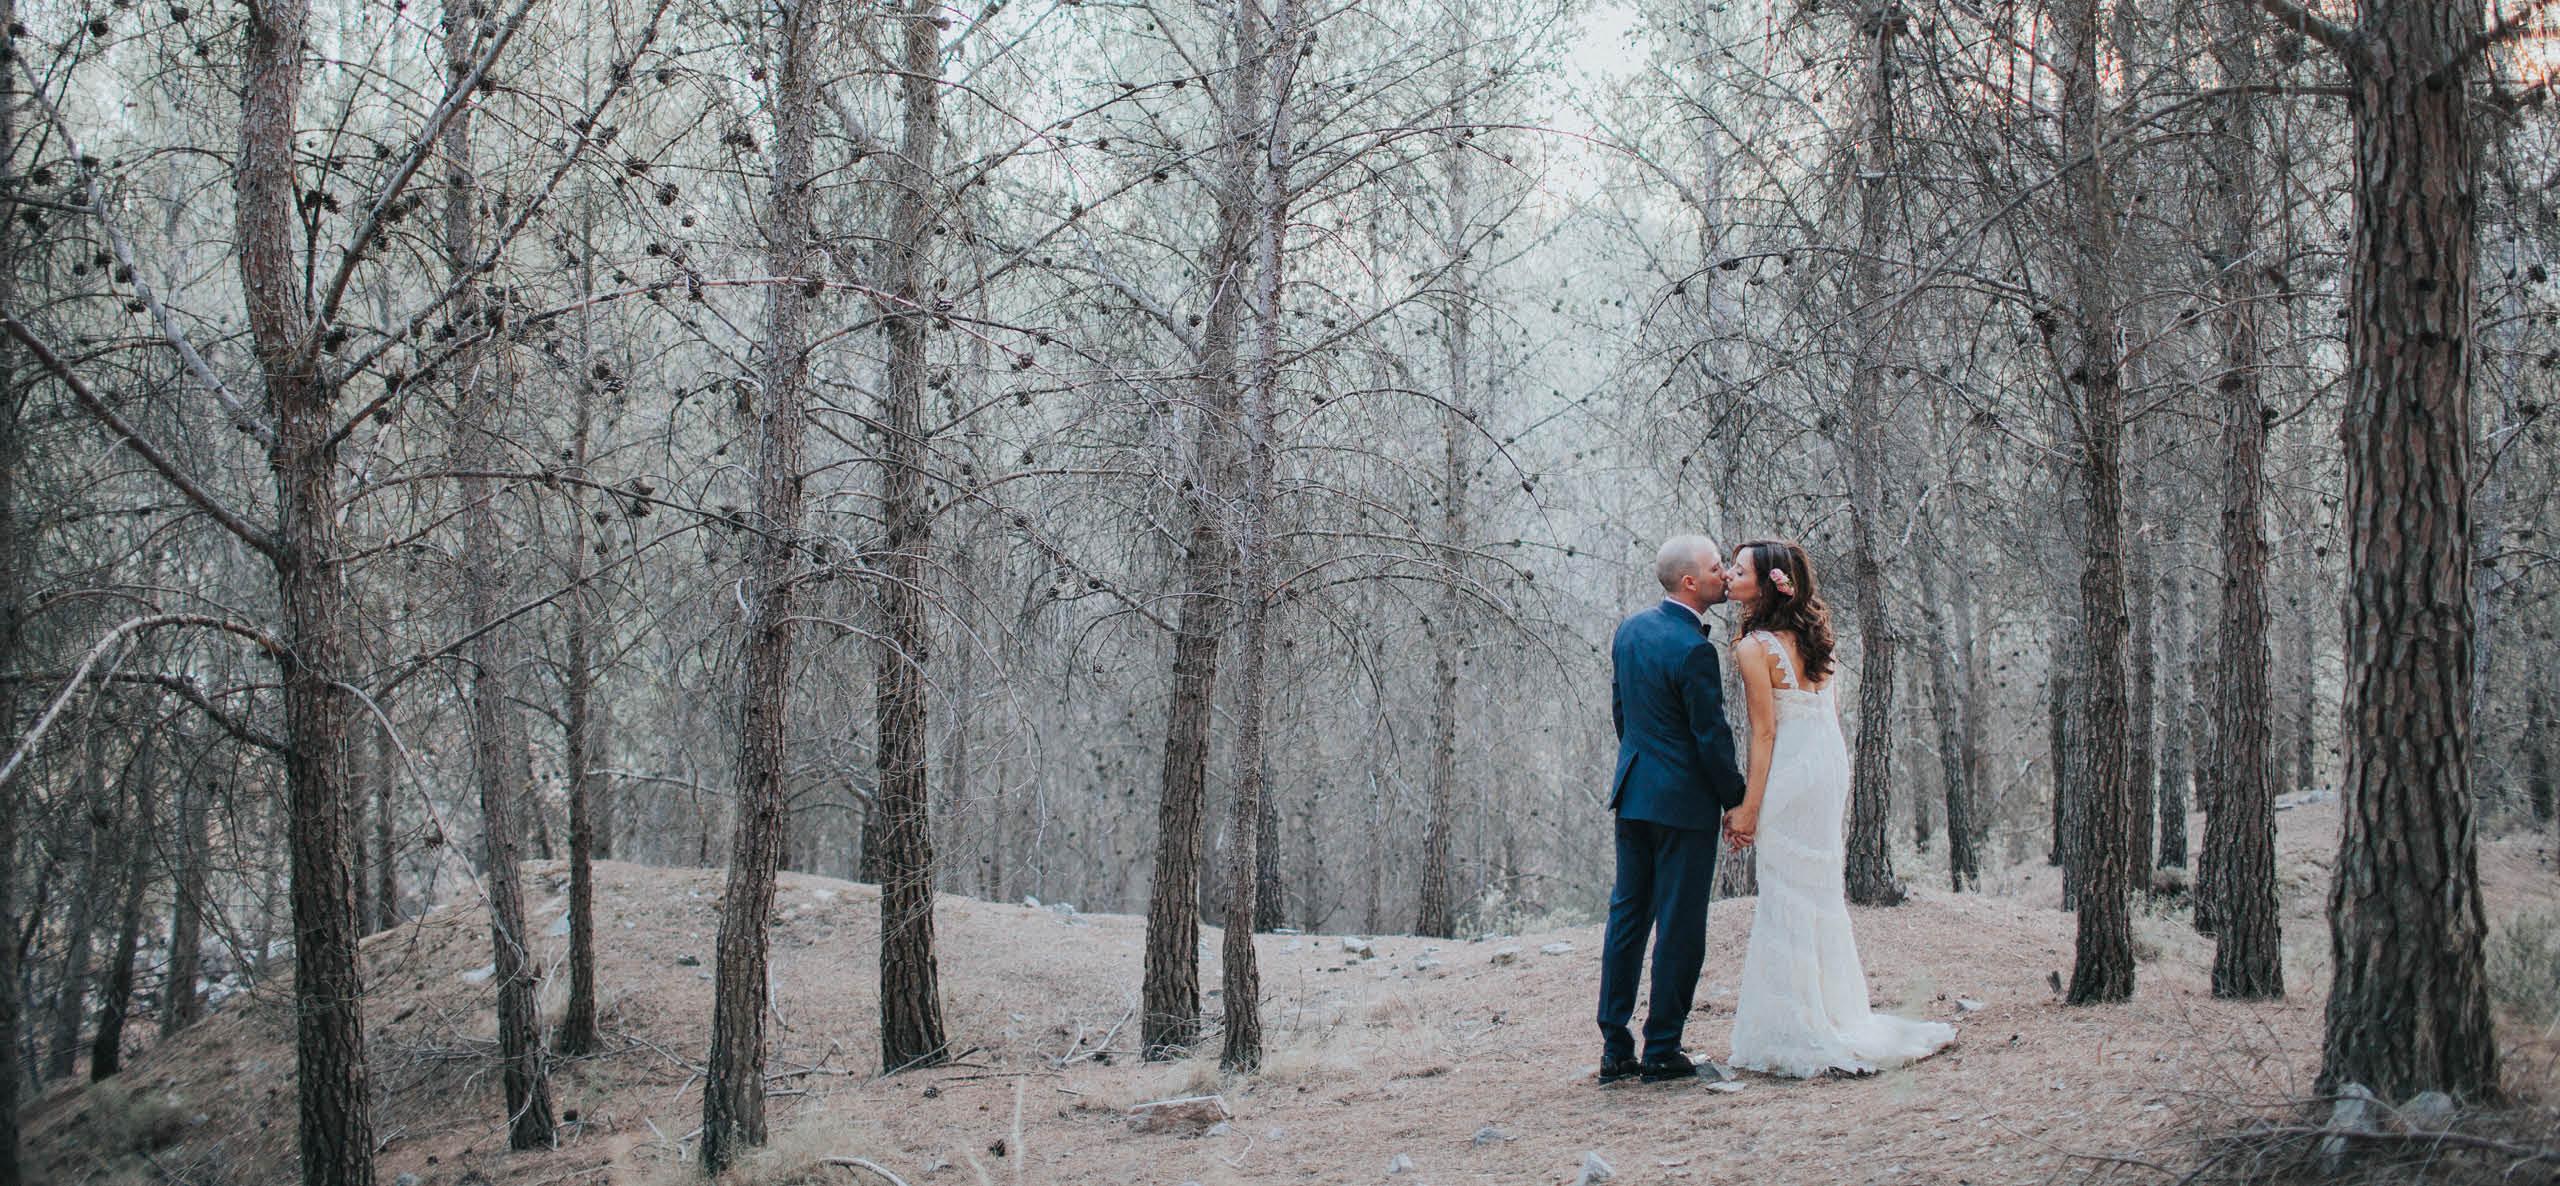 Fotografo de bodas en marbella malaga the love hunters - Fotografo marbella ...